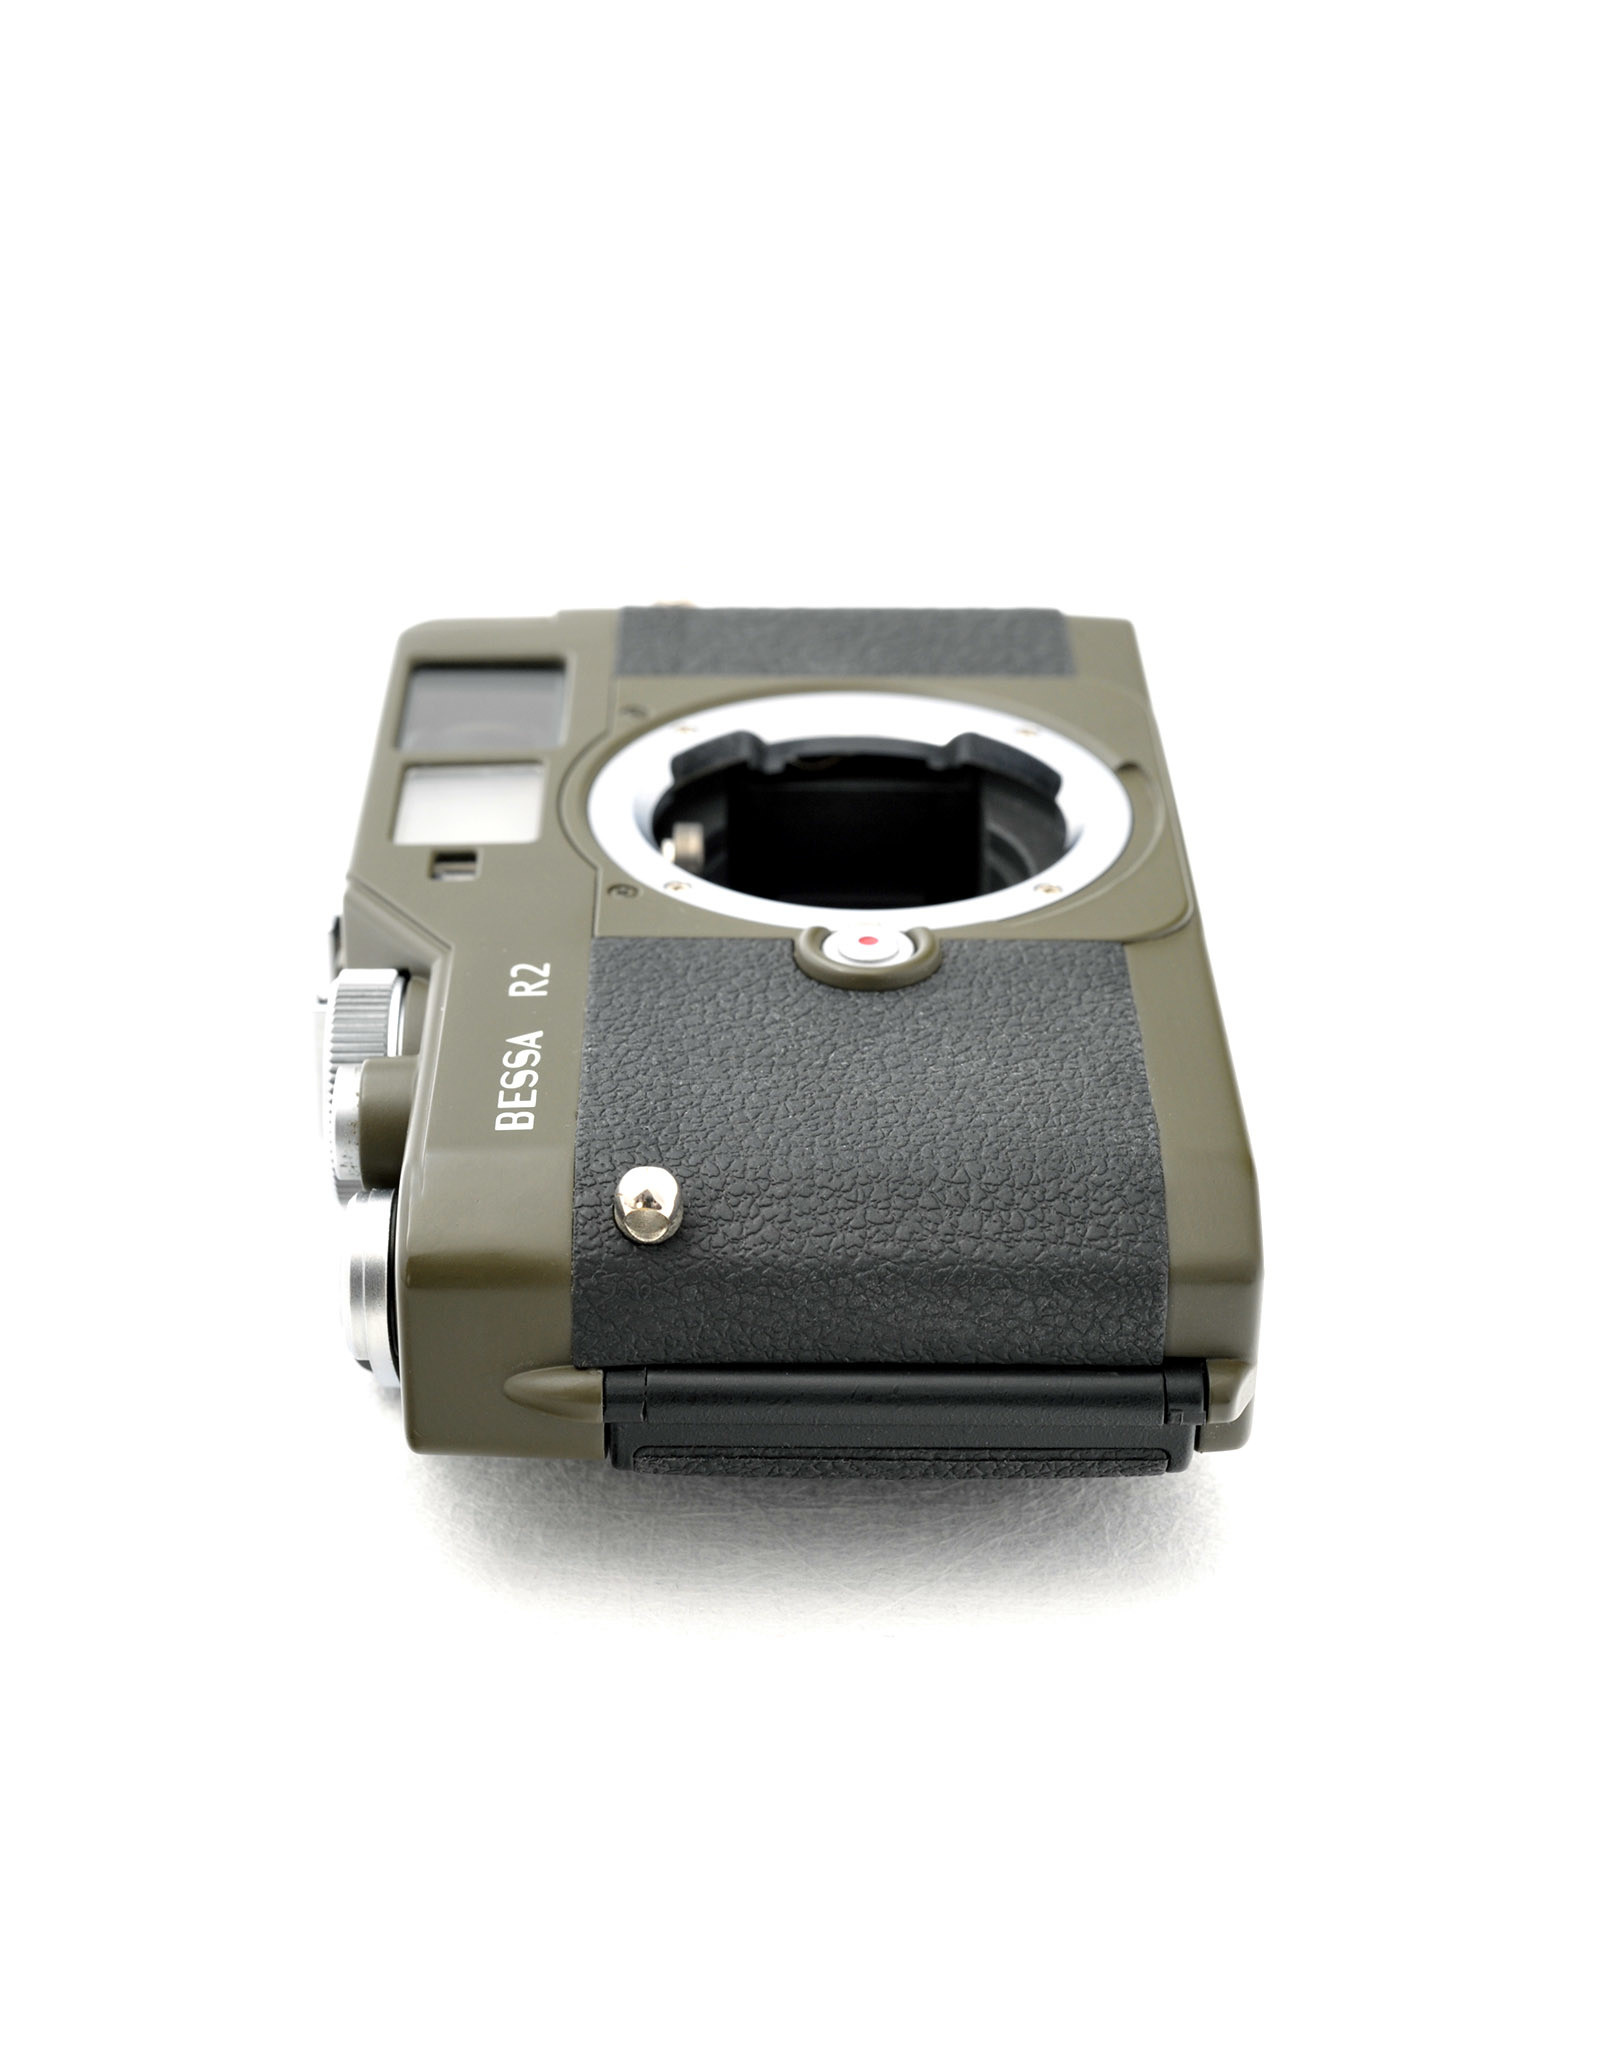 Voigtlander Voigtlander Bessa R2 Olive Green   AP1062205